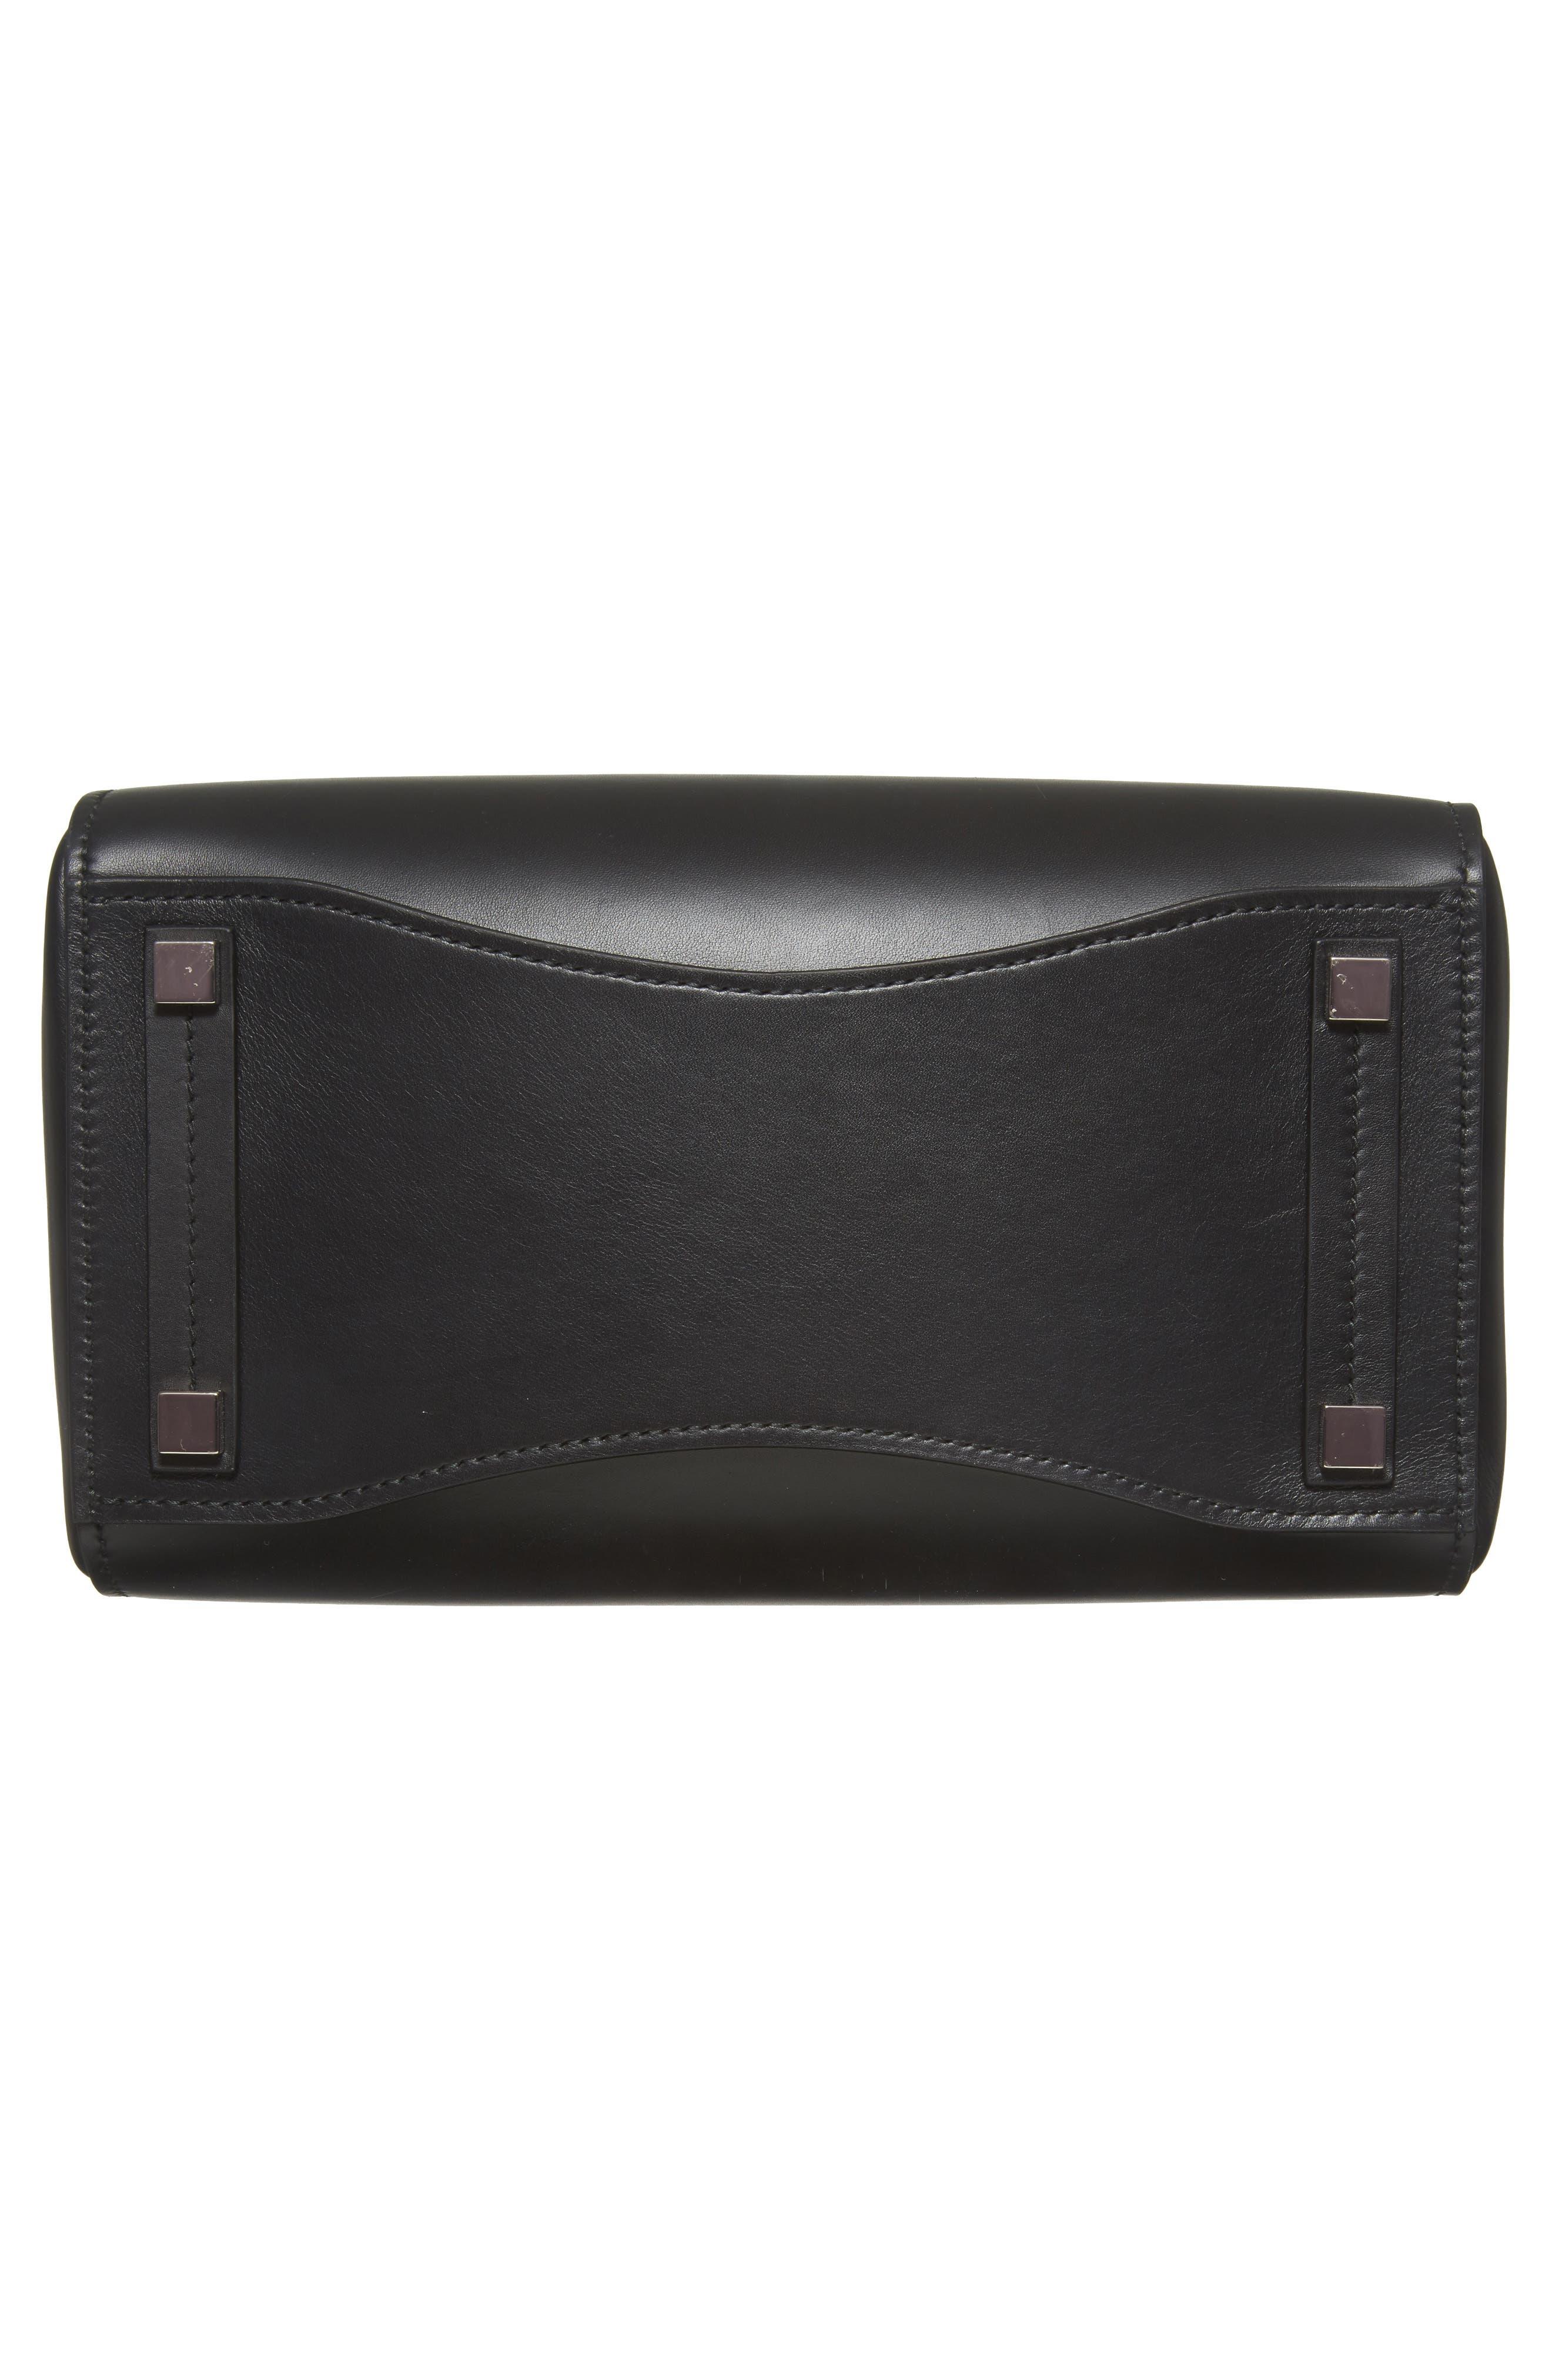 Large Bancroft Leather Top Handle Satchel,                             Alternate thumbnail 6, color,                             Black